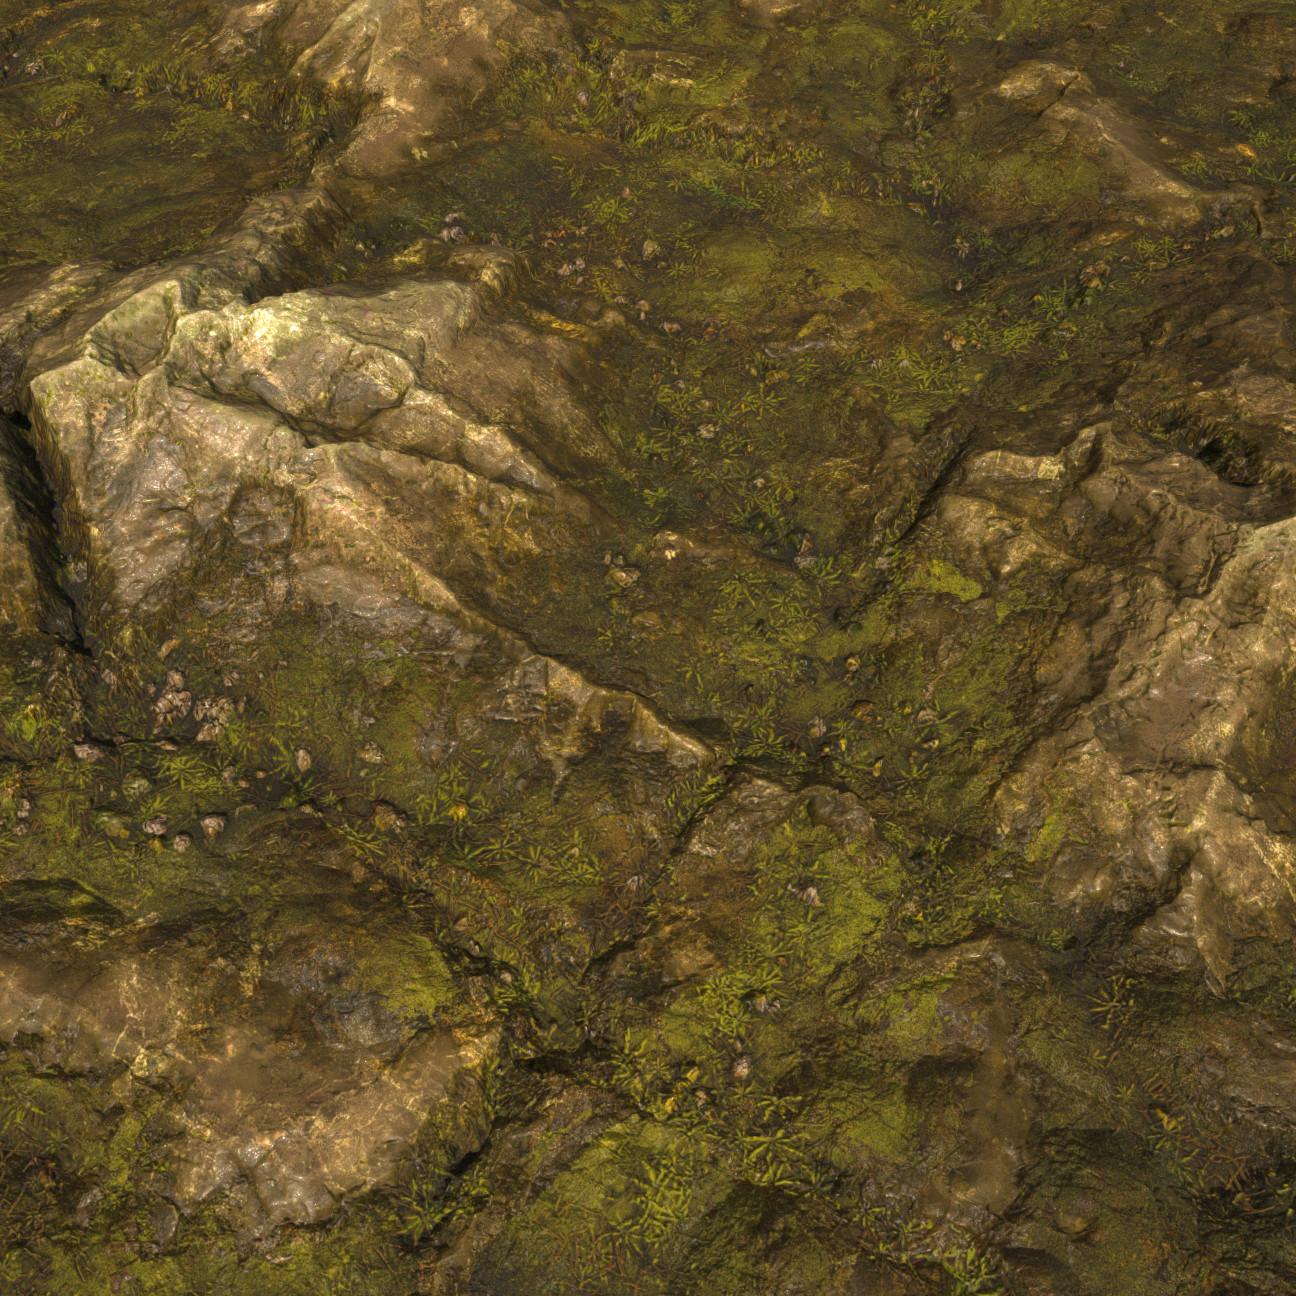 Substance_Designer - 100% procedural Mossy Rock Revisited